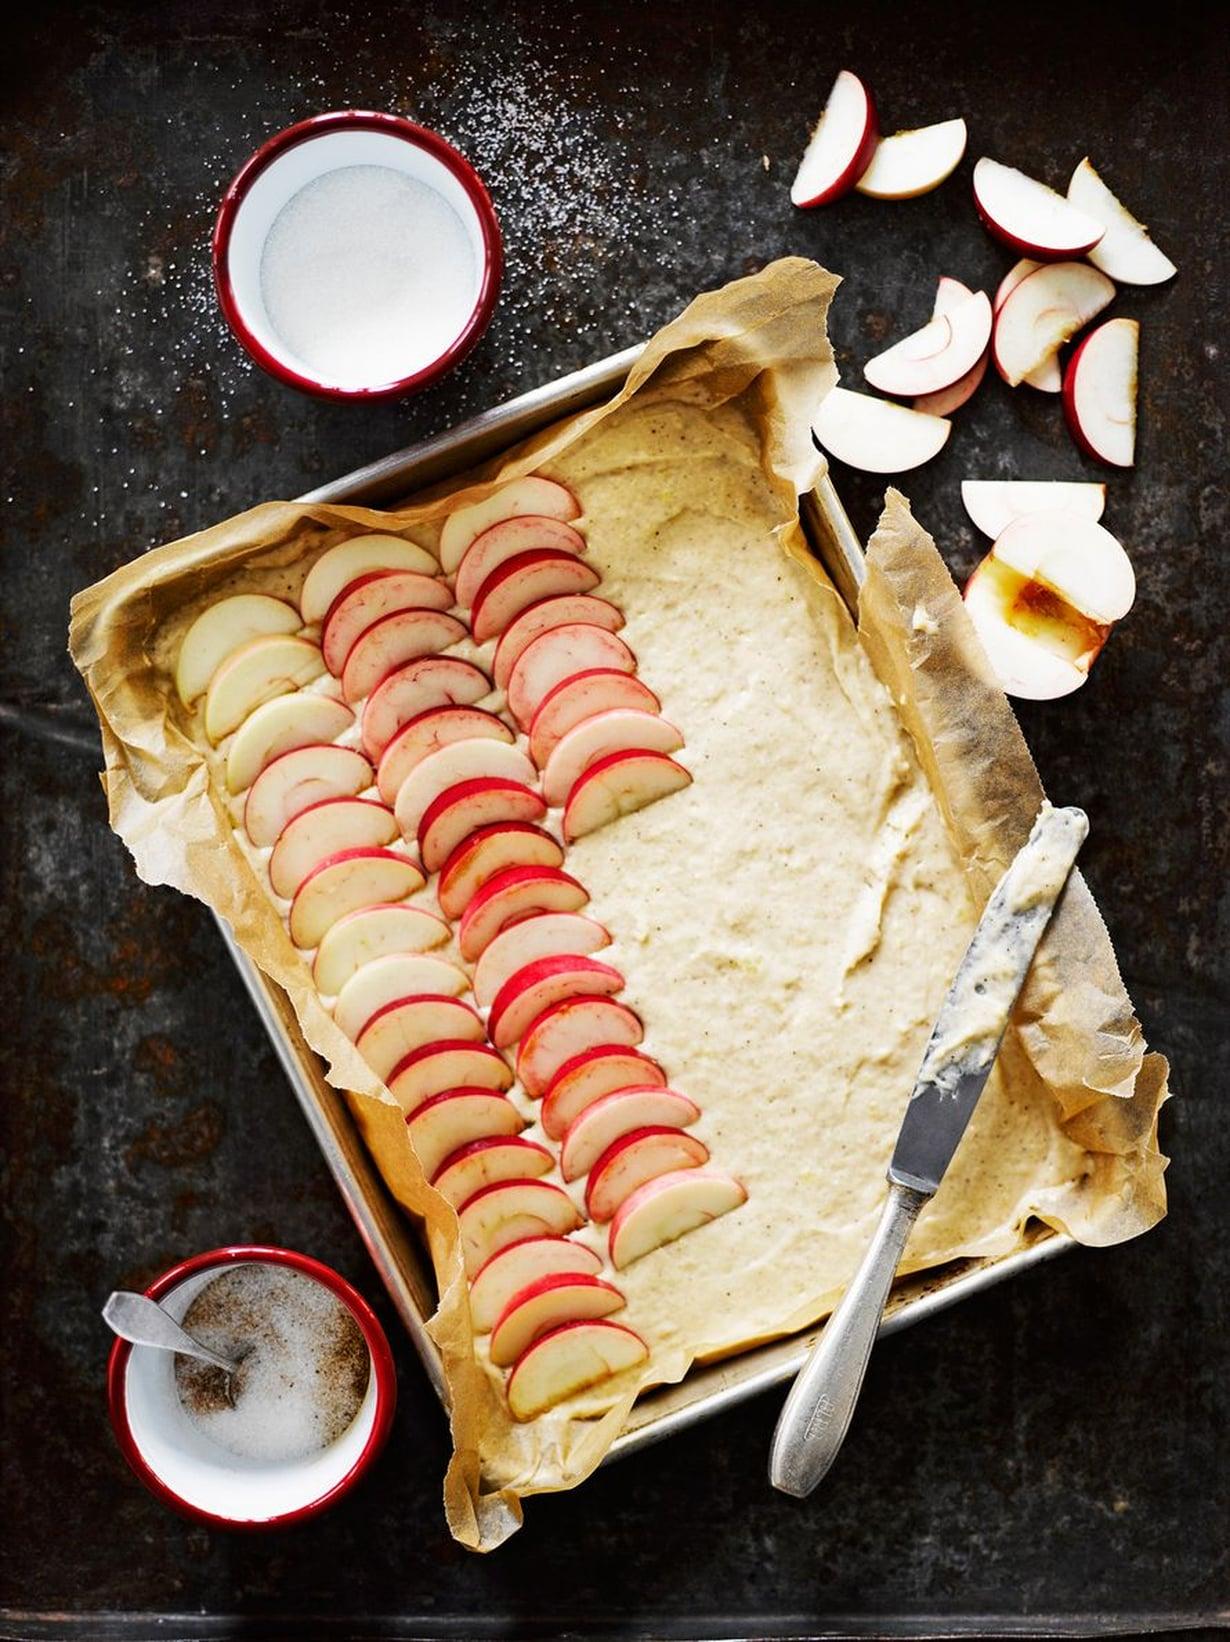 Kaunein piirakka syntyy tietysti kotimaisista punaposkisista omenoista, joita ei tarvitse kuoria.